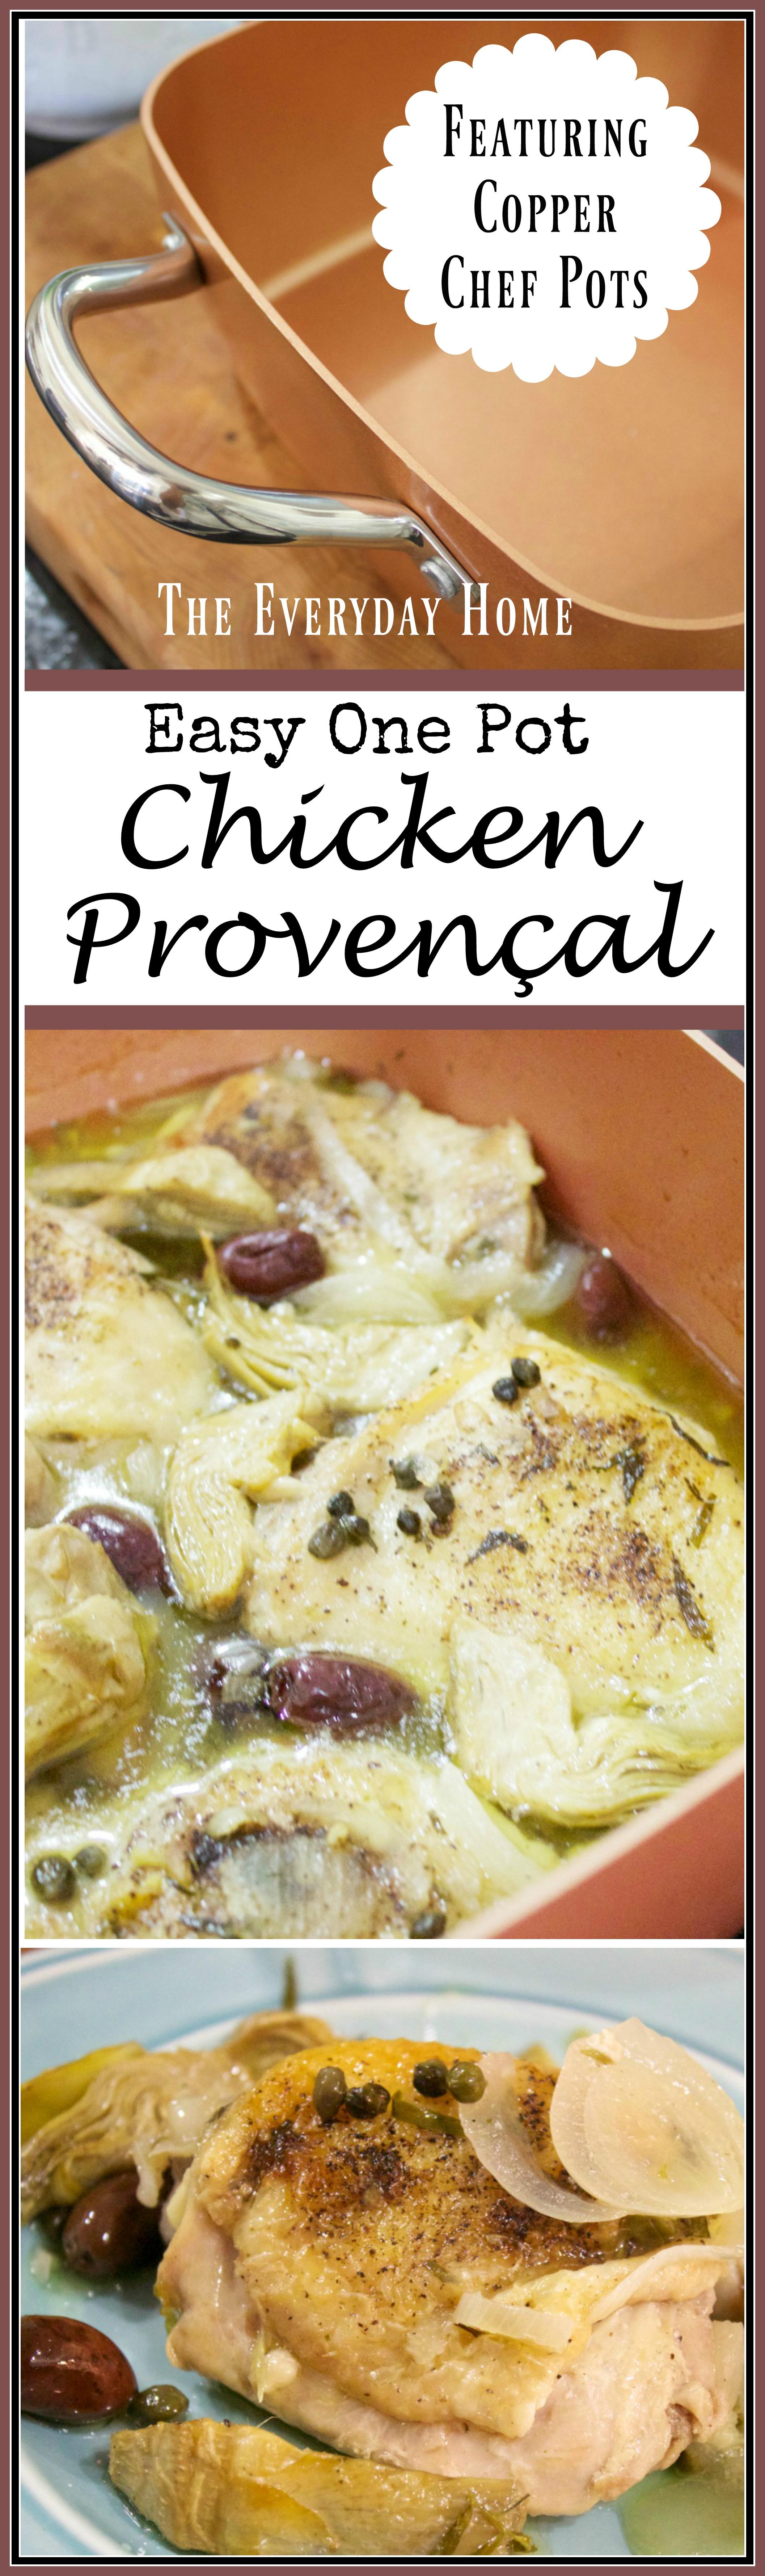 easy-one-pot-chicken-provencal | The Everyday Home | www.everydayhomeblog.com